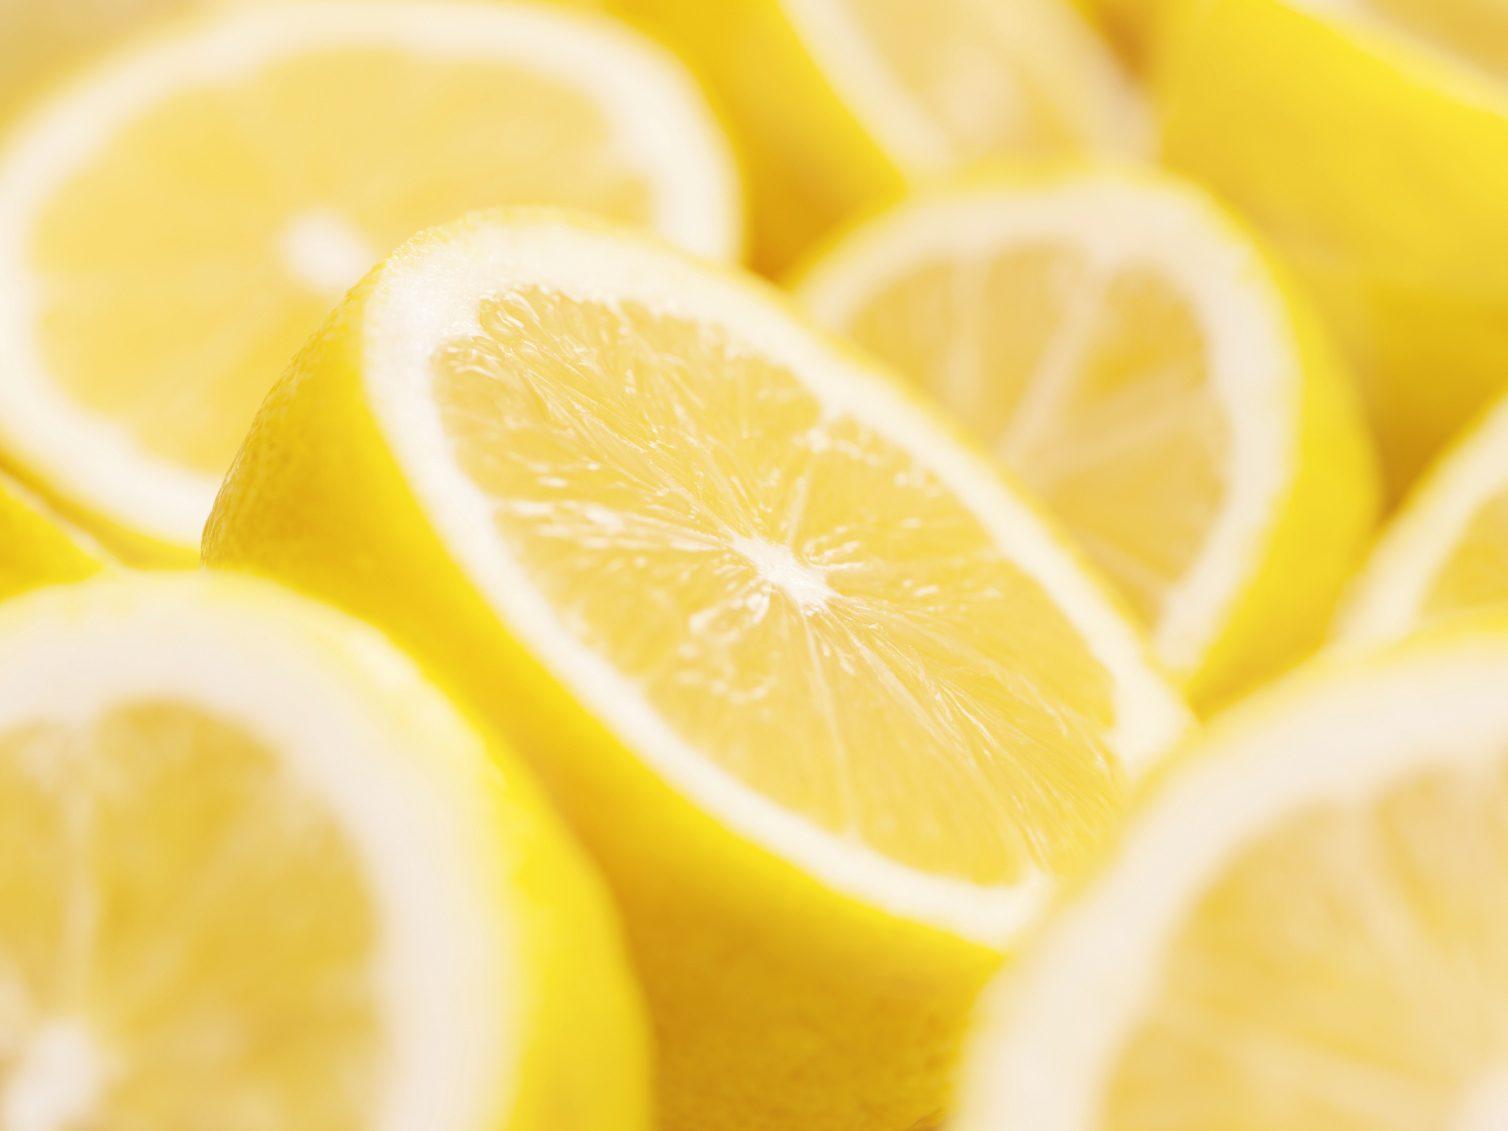 Remèdes de grand-mère et remèdes naturels contre les colites et maux d'estomac.